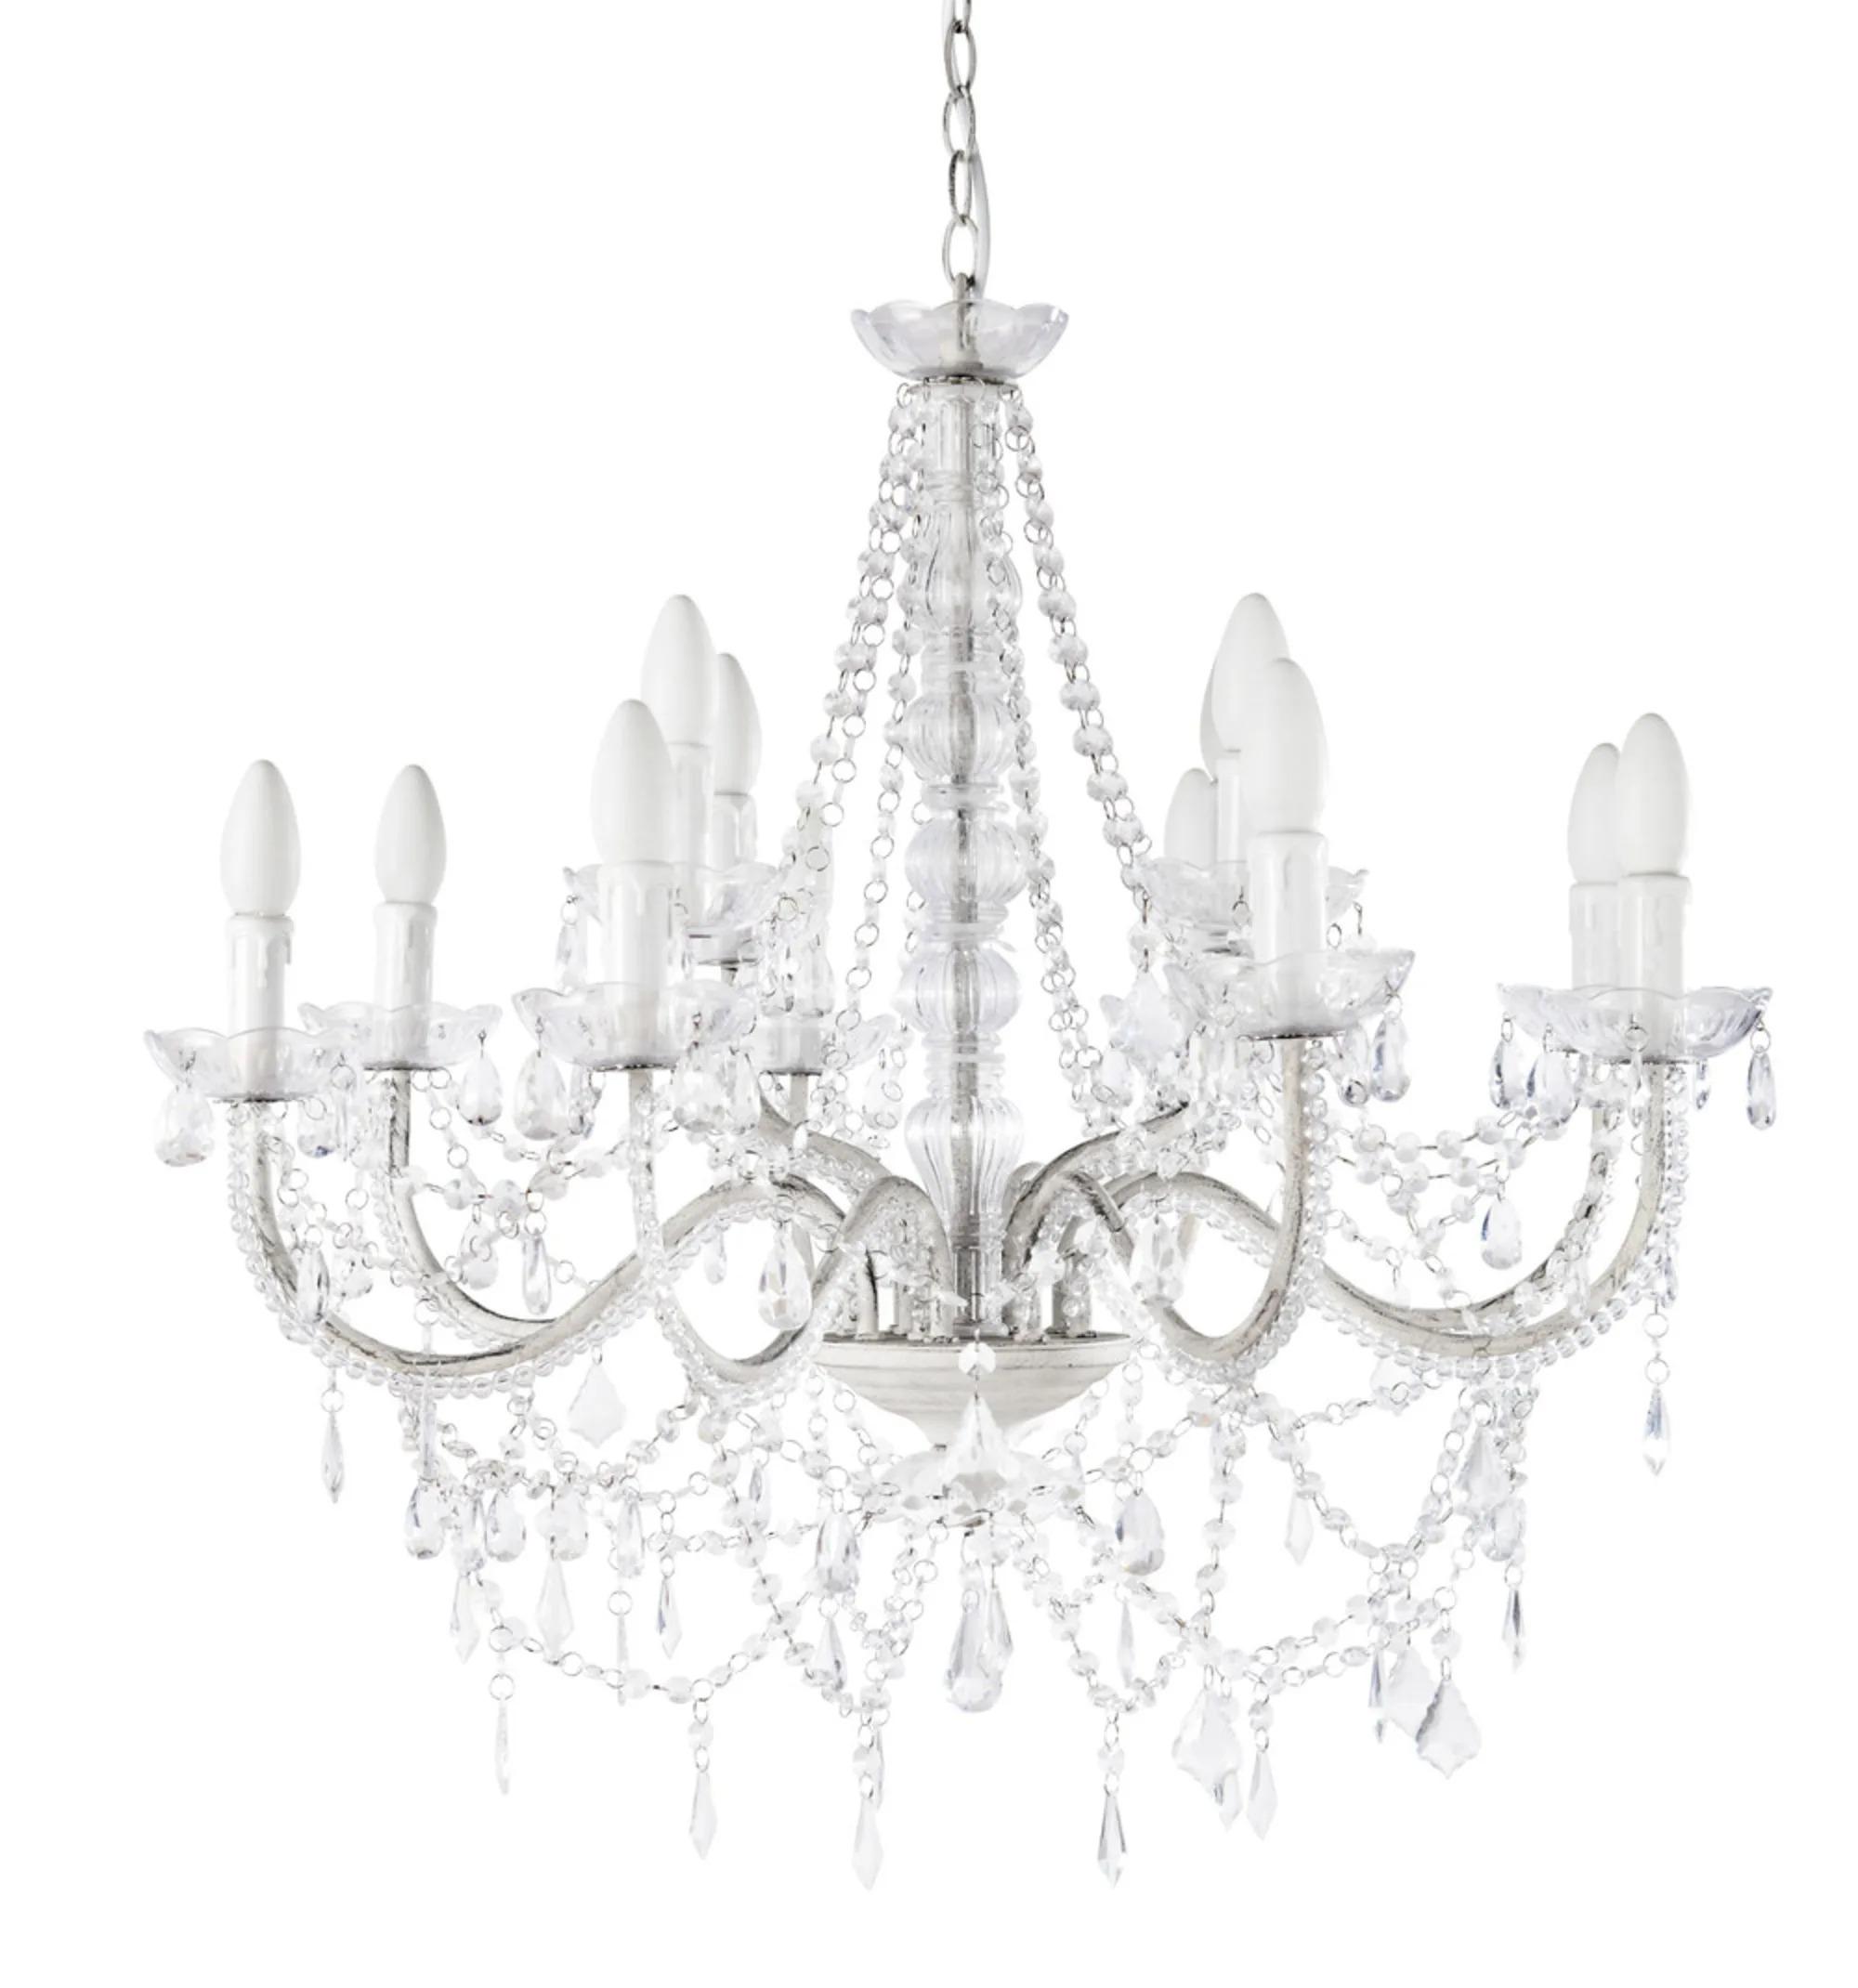 Esta magnífica araña creará una decoración real en tu interior gracias a sus 12 ramas de curvas delicadas y a sus adornos de pasamanería similares a pequeñas perlas de aspecto cristalino.